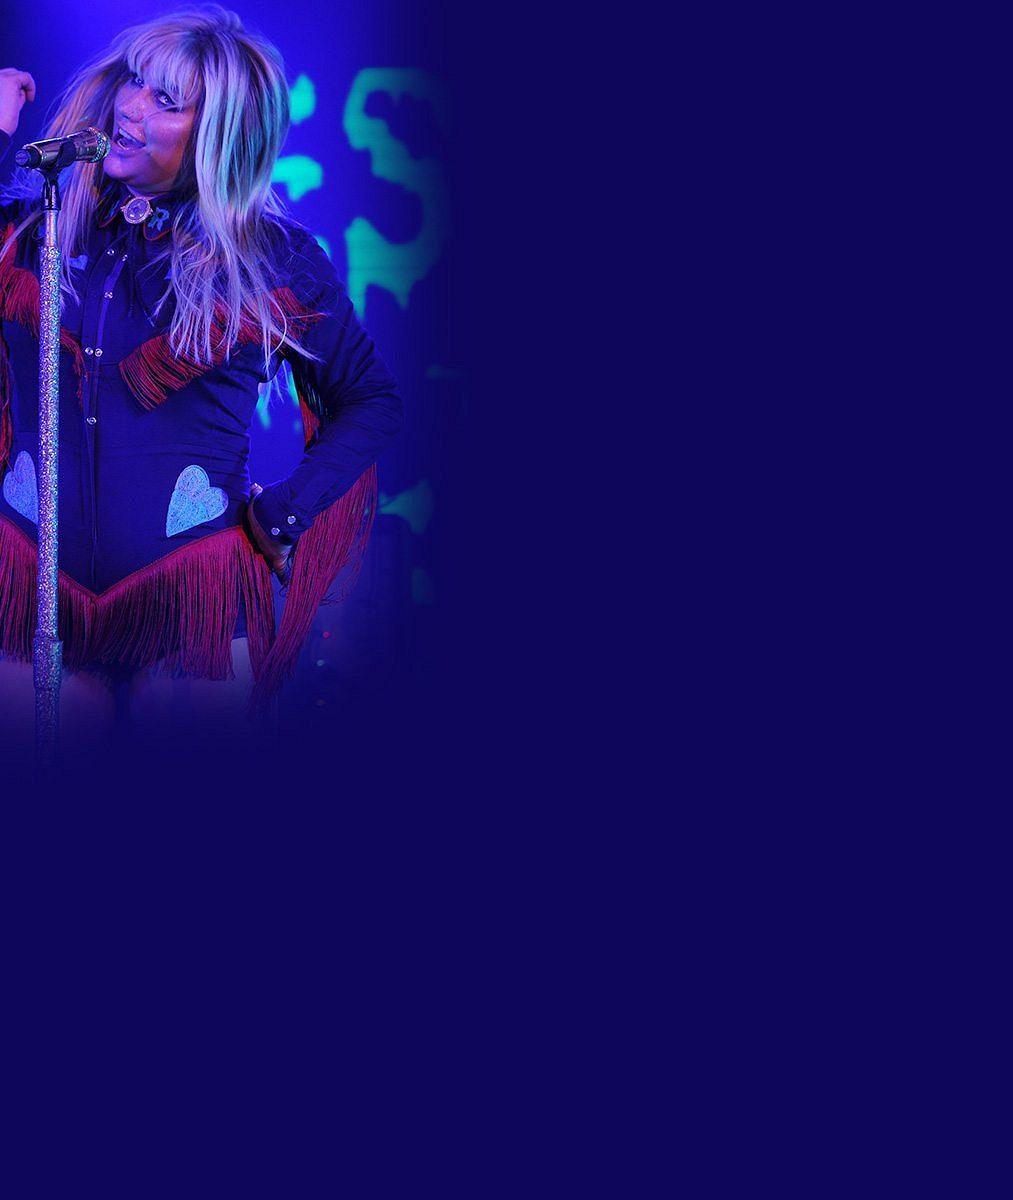 Kdysi štíhlá zpěvačka nasoukala na koncertě svá kila do kostýmu, který už si dávno nemůže dovolit